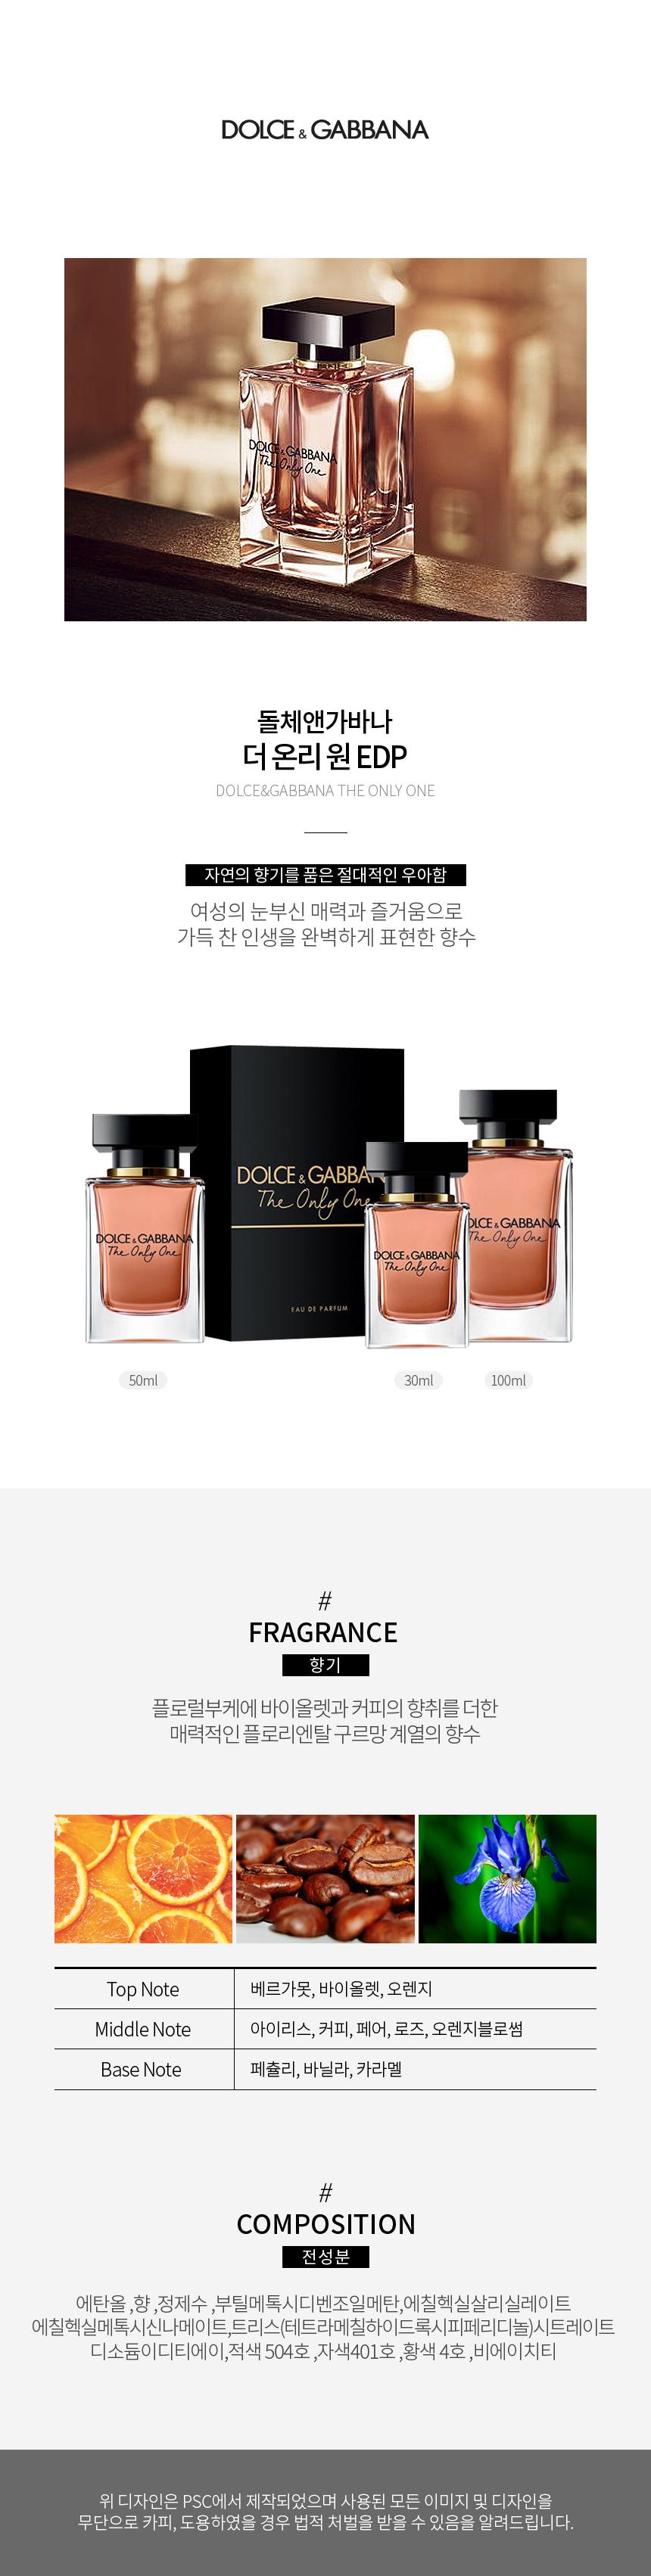 돌체앤가바나(DOLCE & GABBANA) [향수] 더 온리 원 EDP 30ml